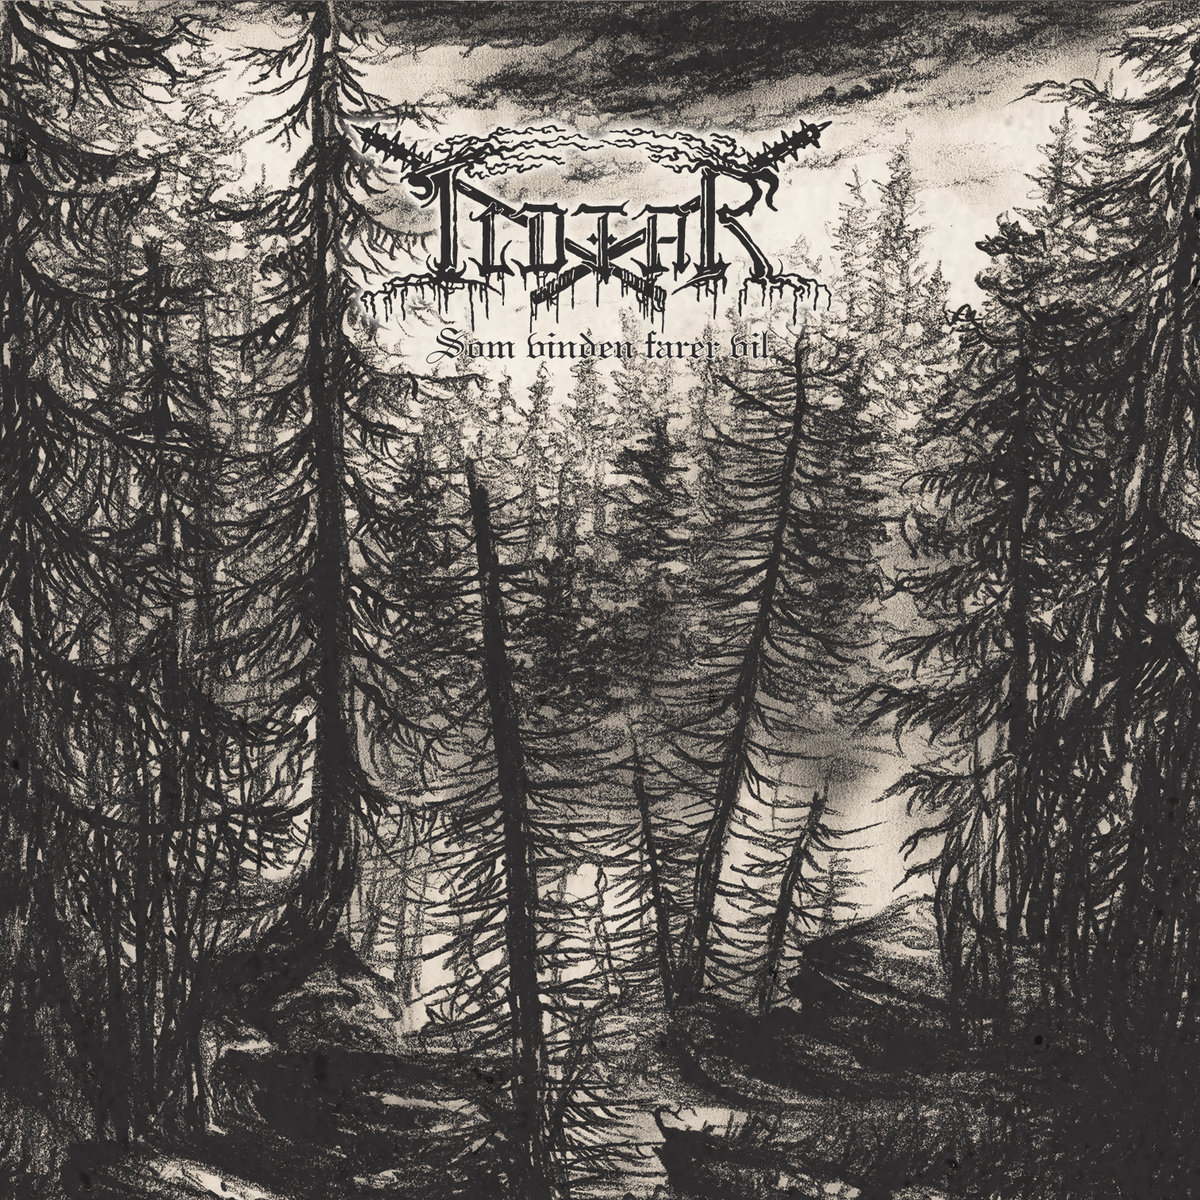 Som vinden farer vil Ildfar Album Cover Artwork